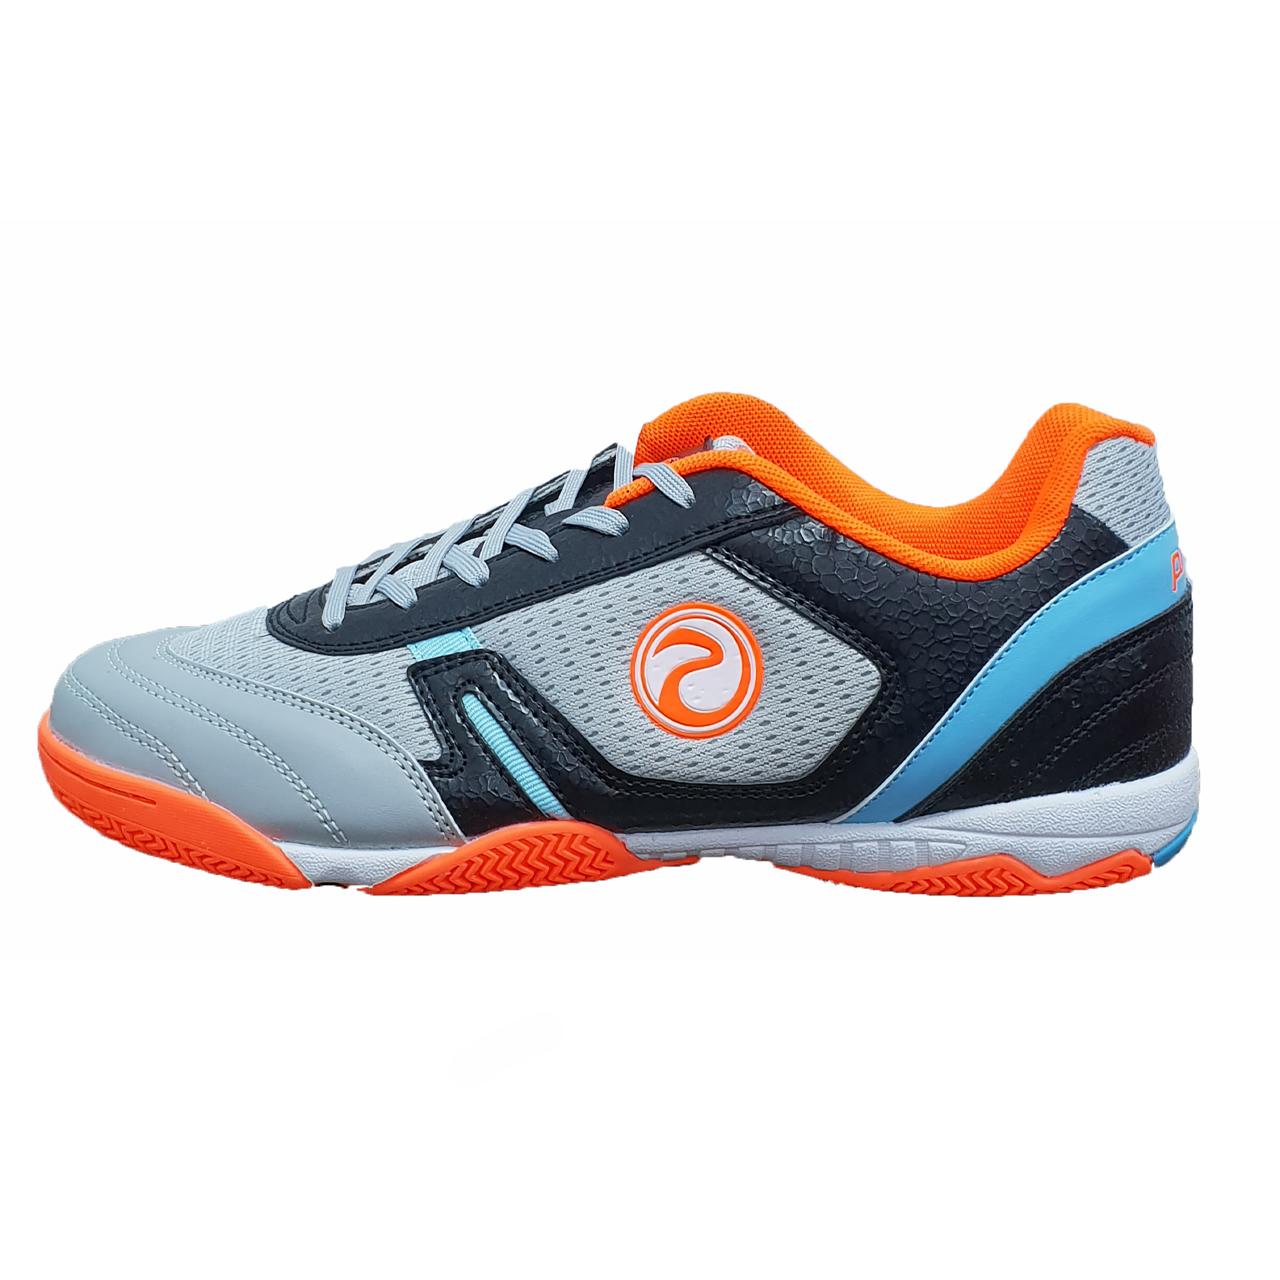 قیمت کفش فوتسال مردانه پریما مدل NV1